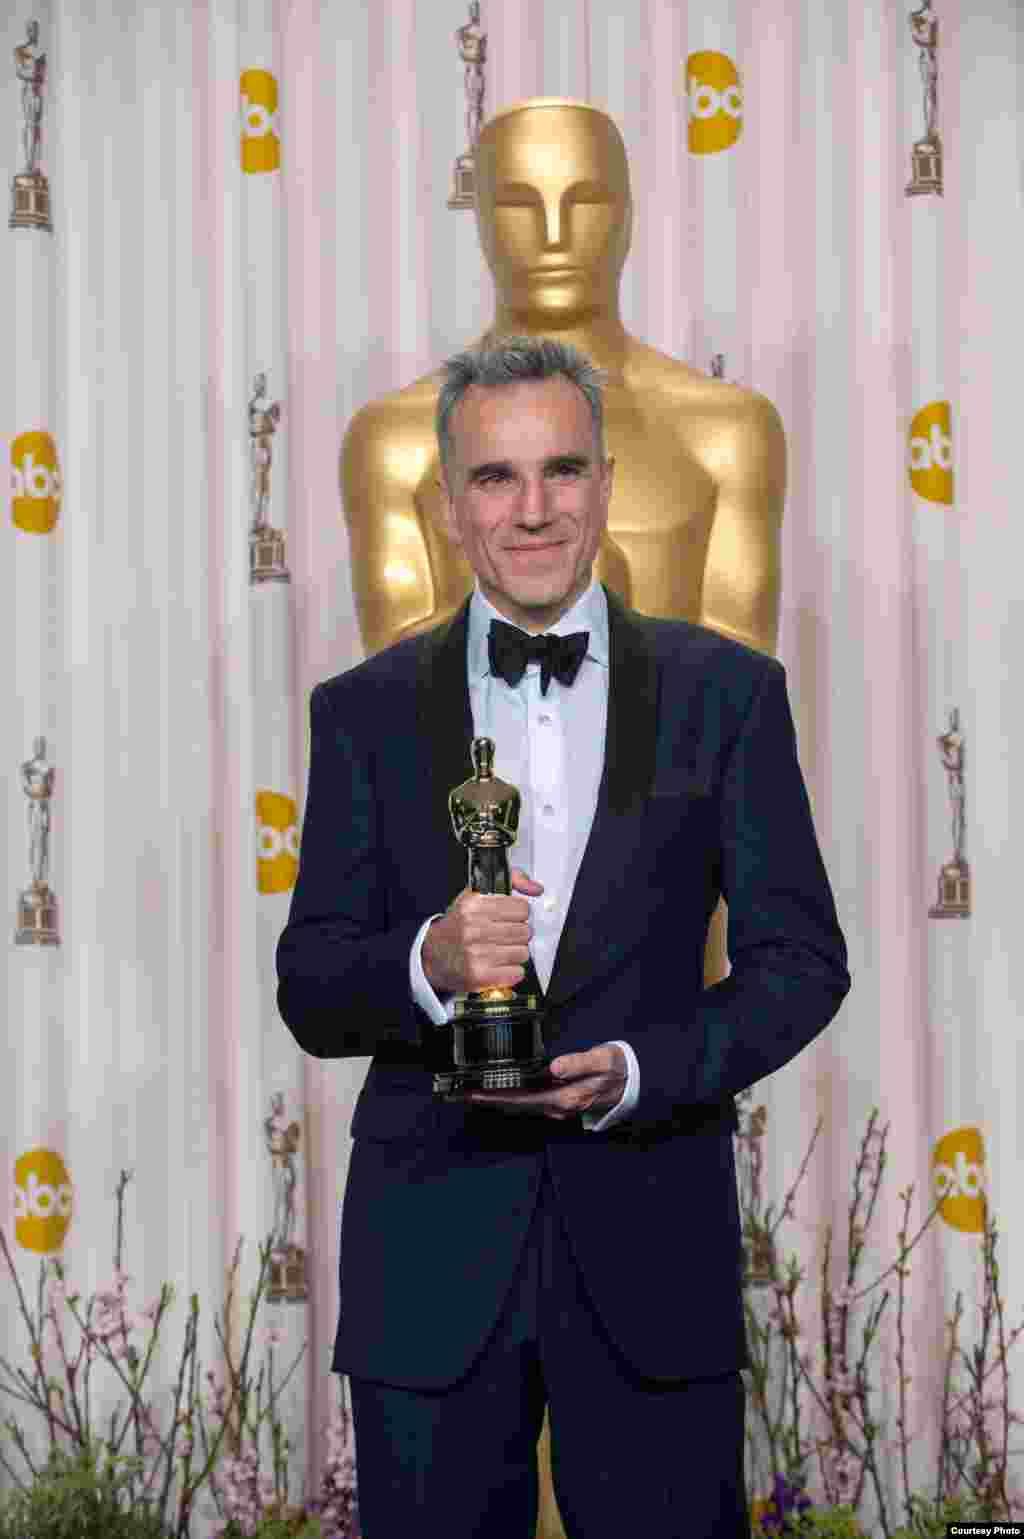 آسکر ایوارڈ 2013 جیتنے والے بہترین اداکار ڈینئل ڈے لوئس۔